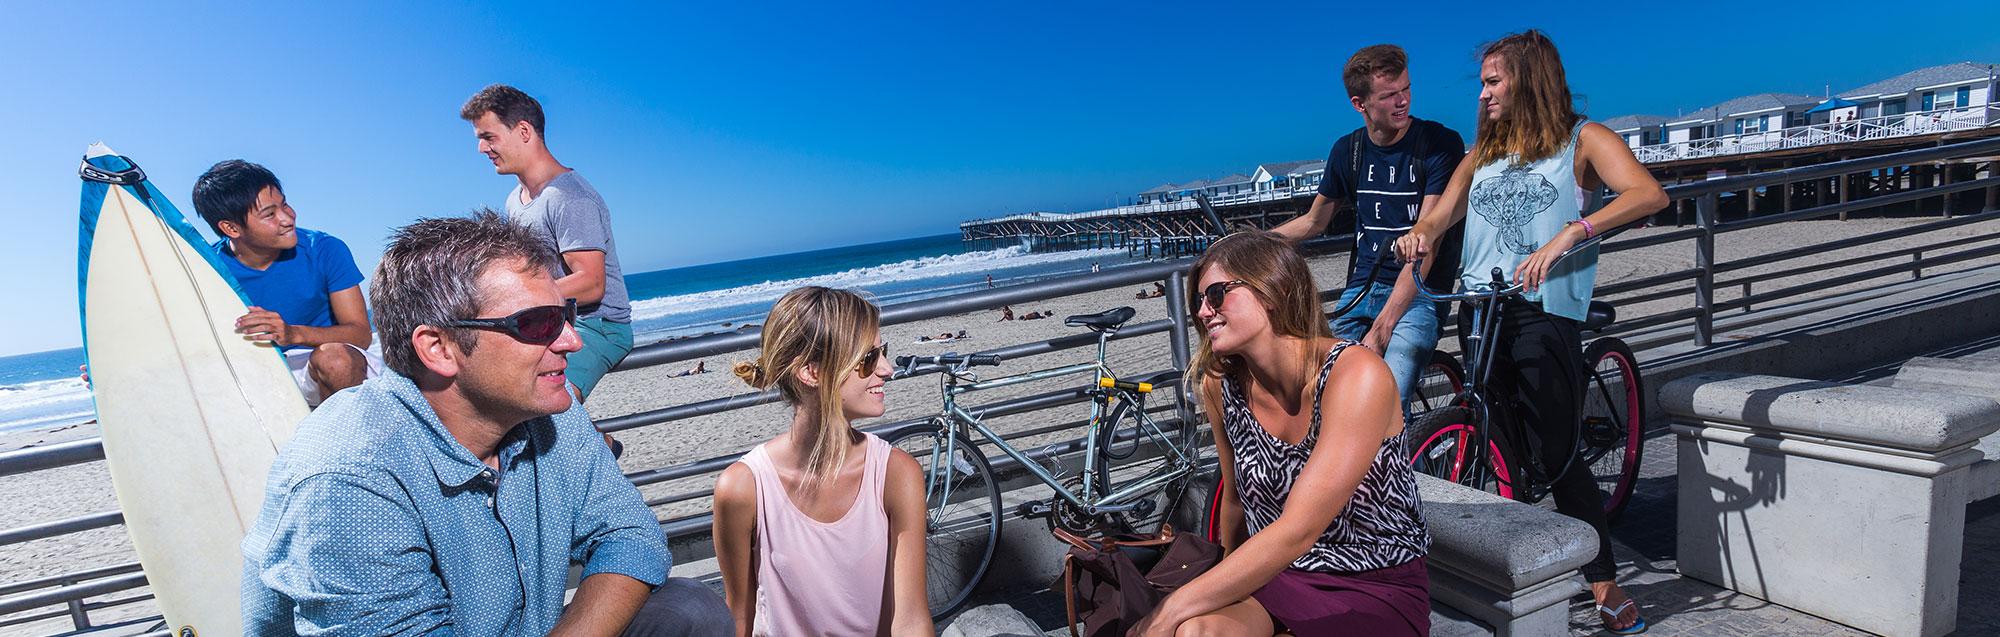 Sprachschule CEL San Diego Pacific Beach